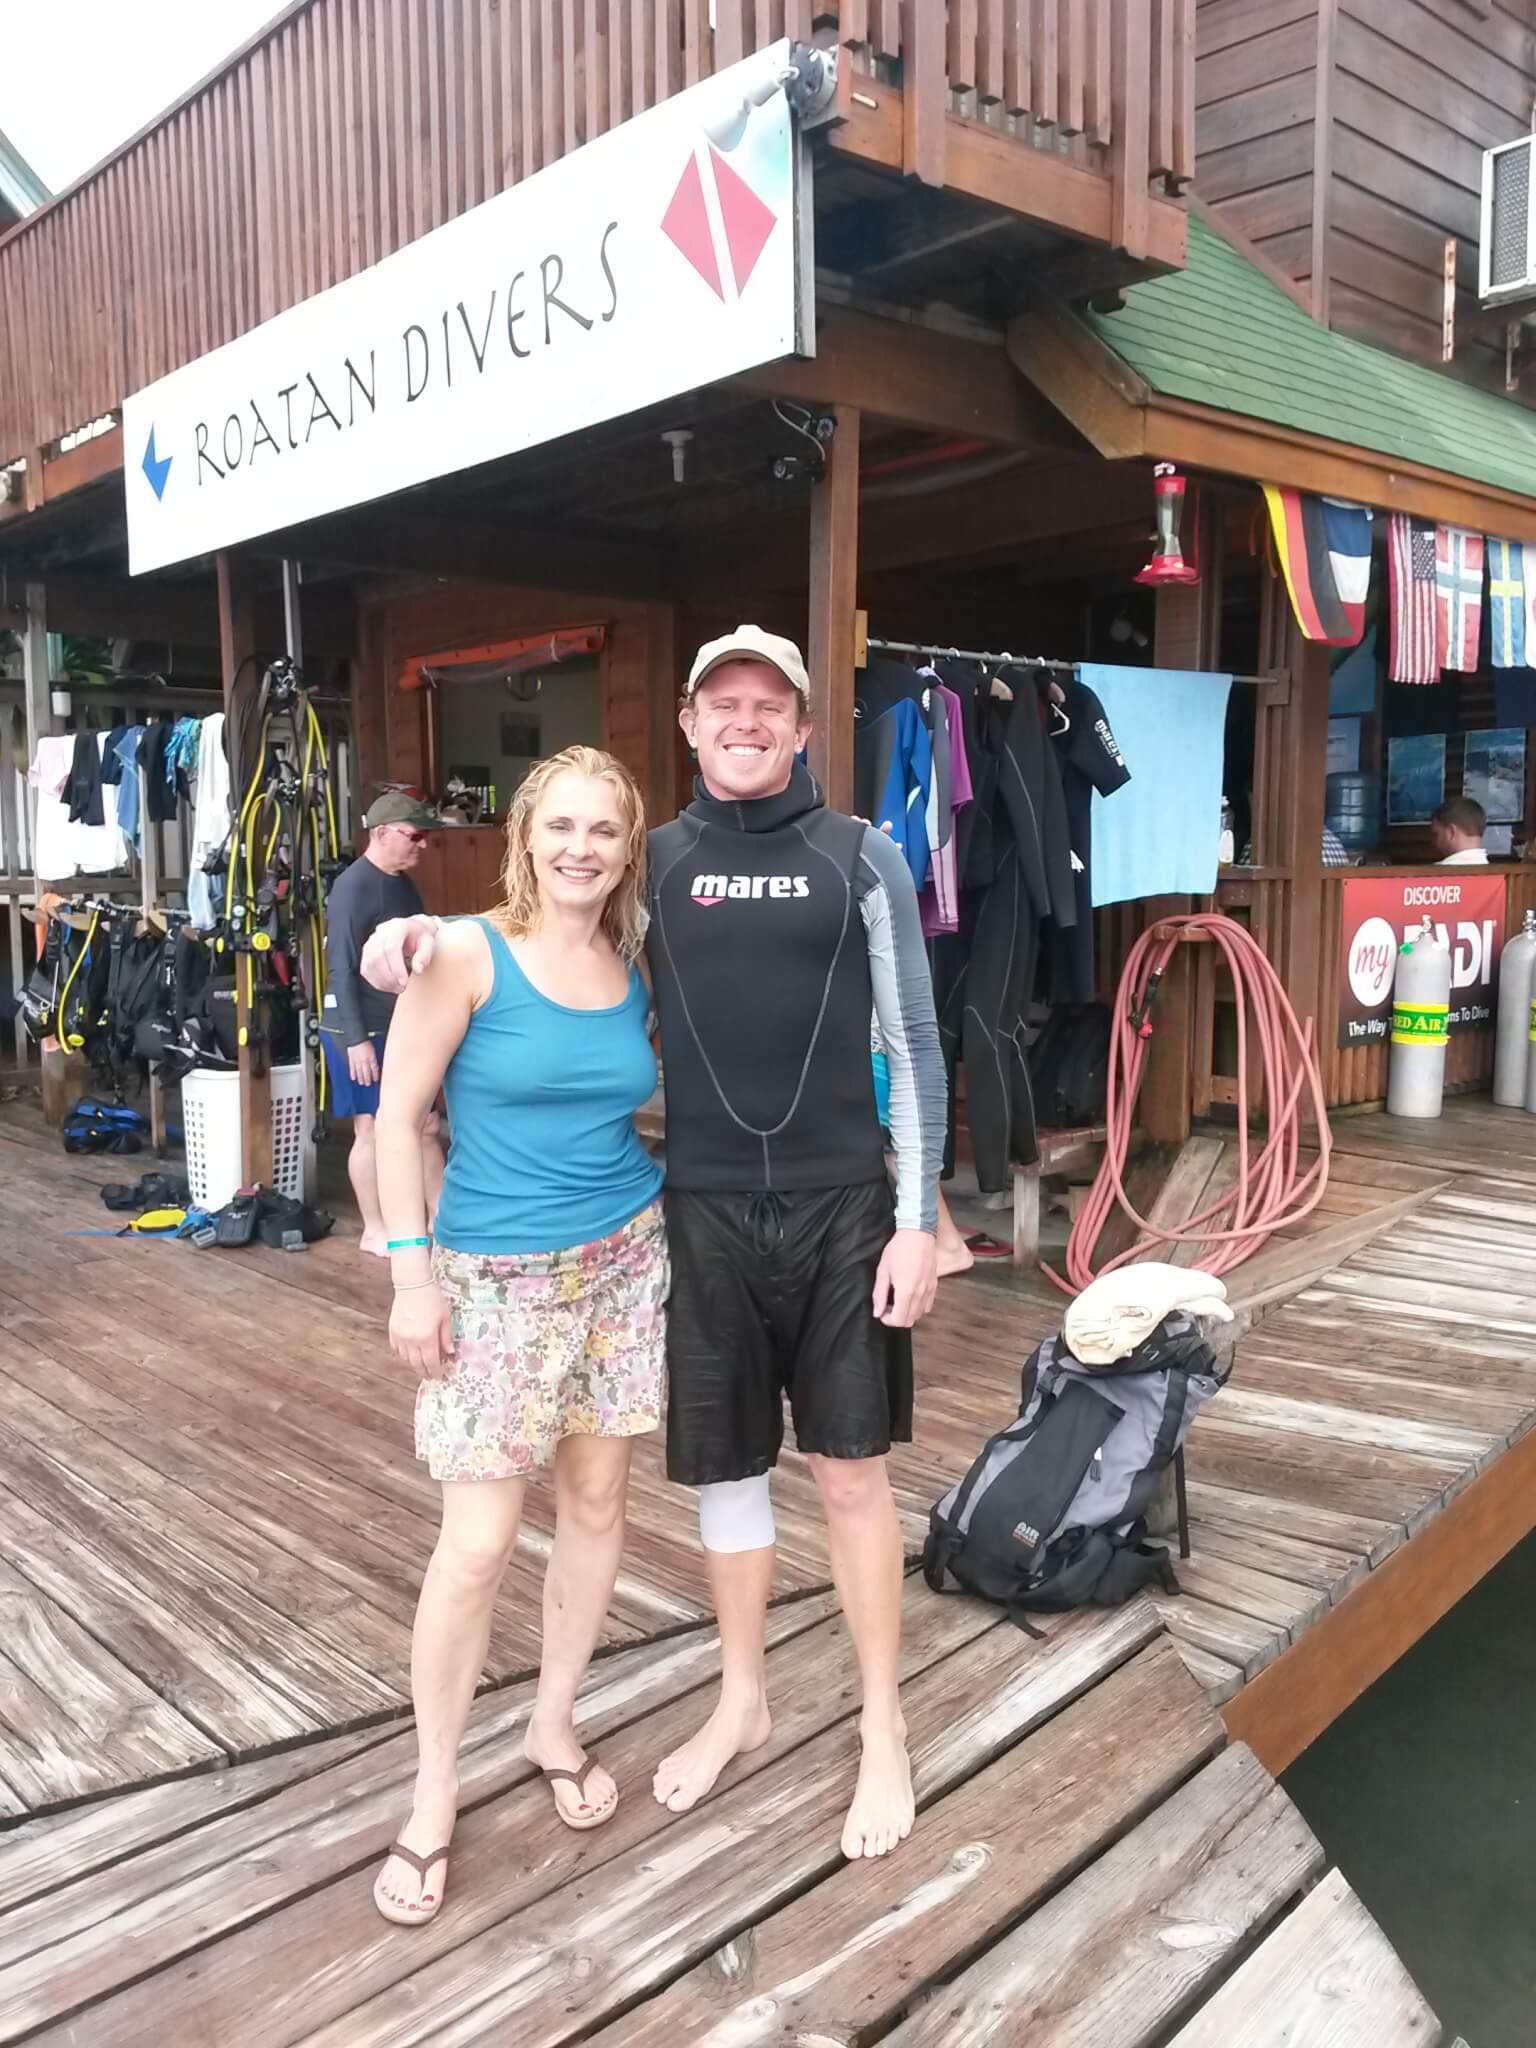 PADI Open Water Diver referral Roatan Divers